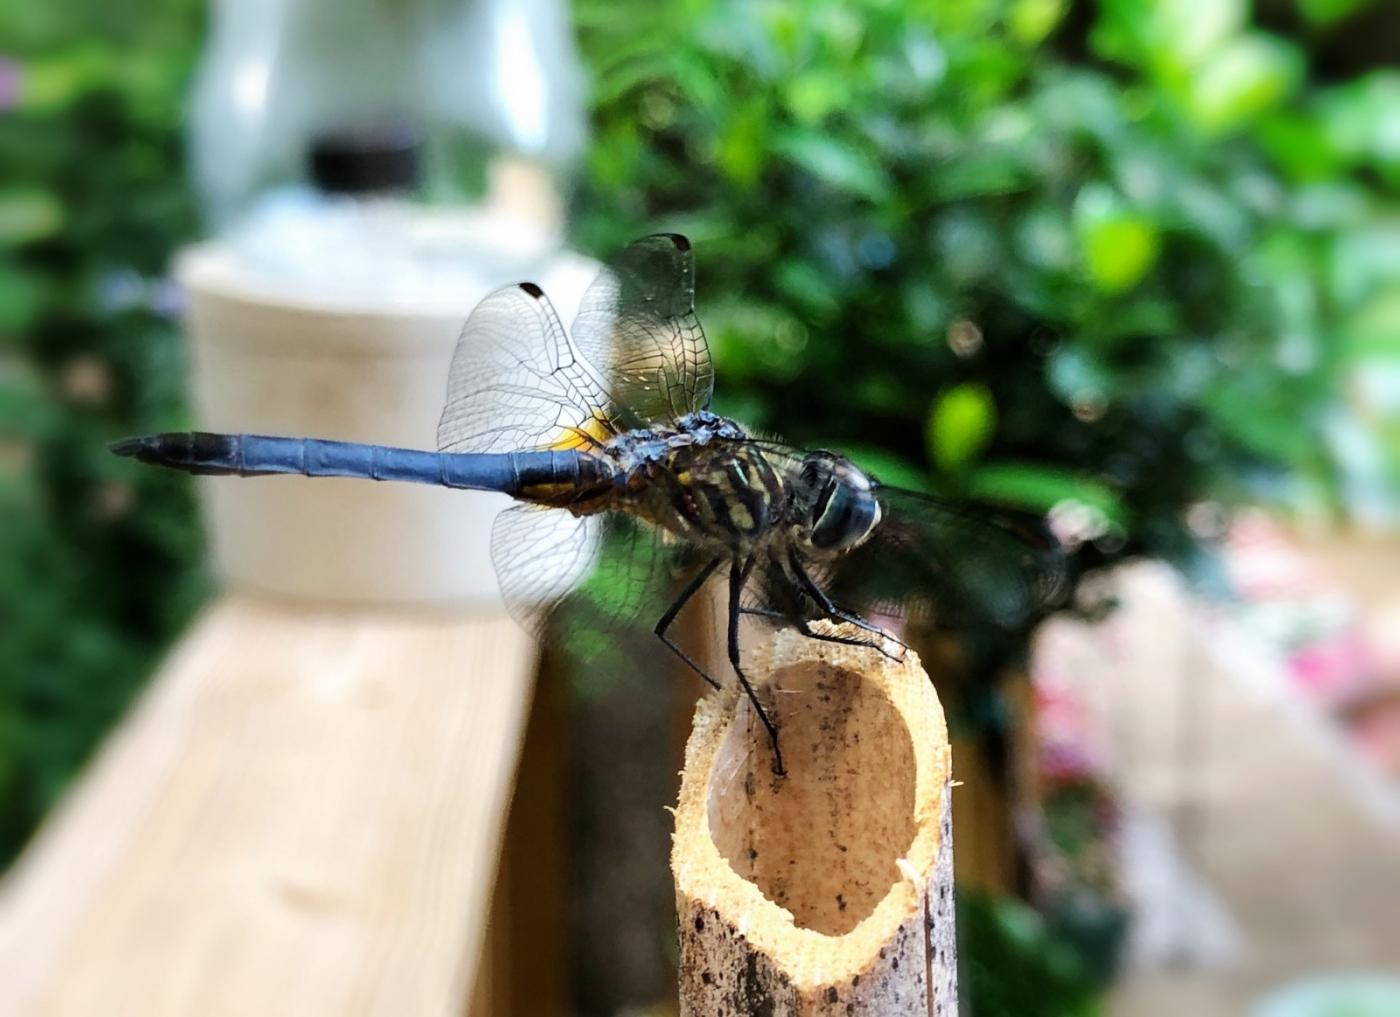 【田螺摄影】院子里的蜻蜓_图1-12